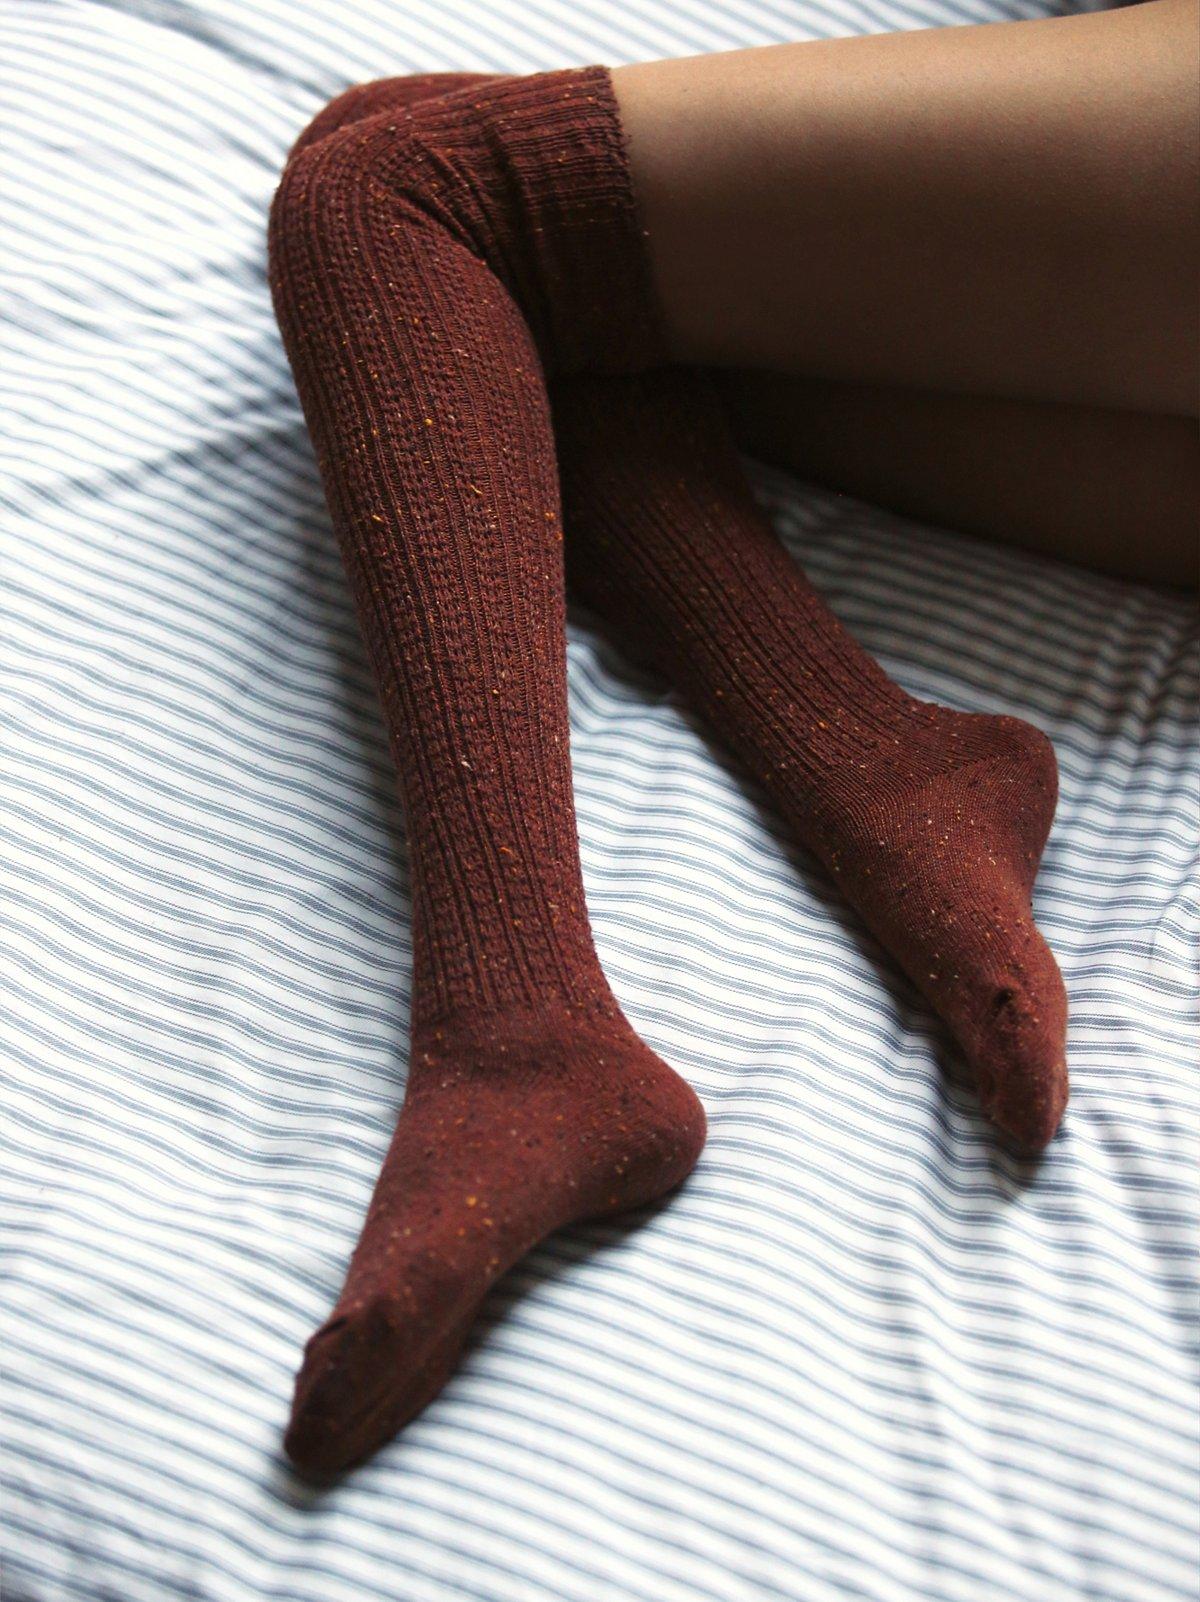 芝麻点休闲高筒袜